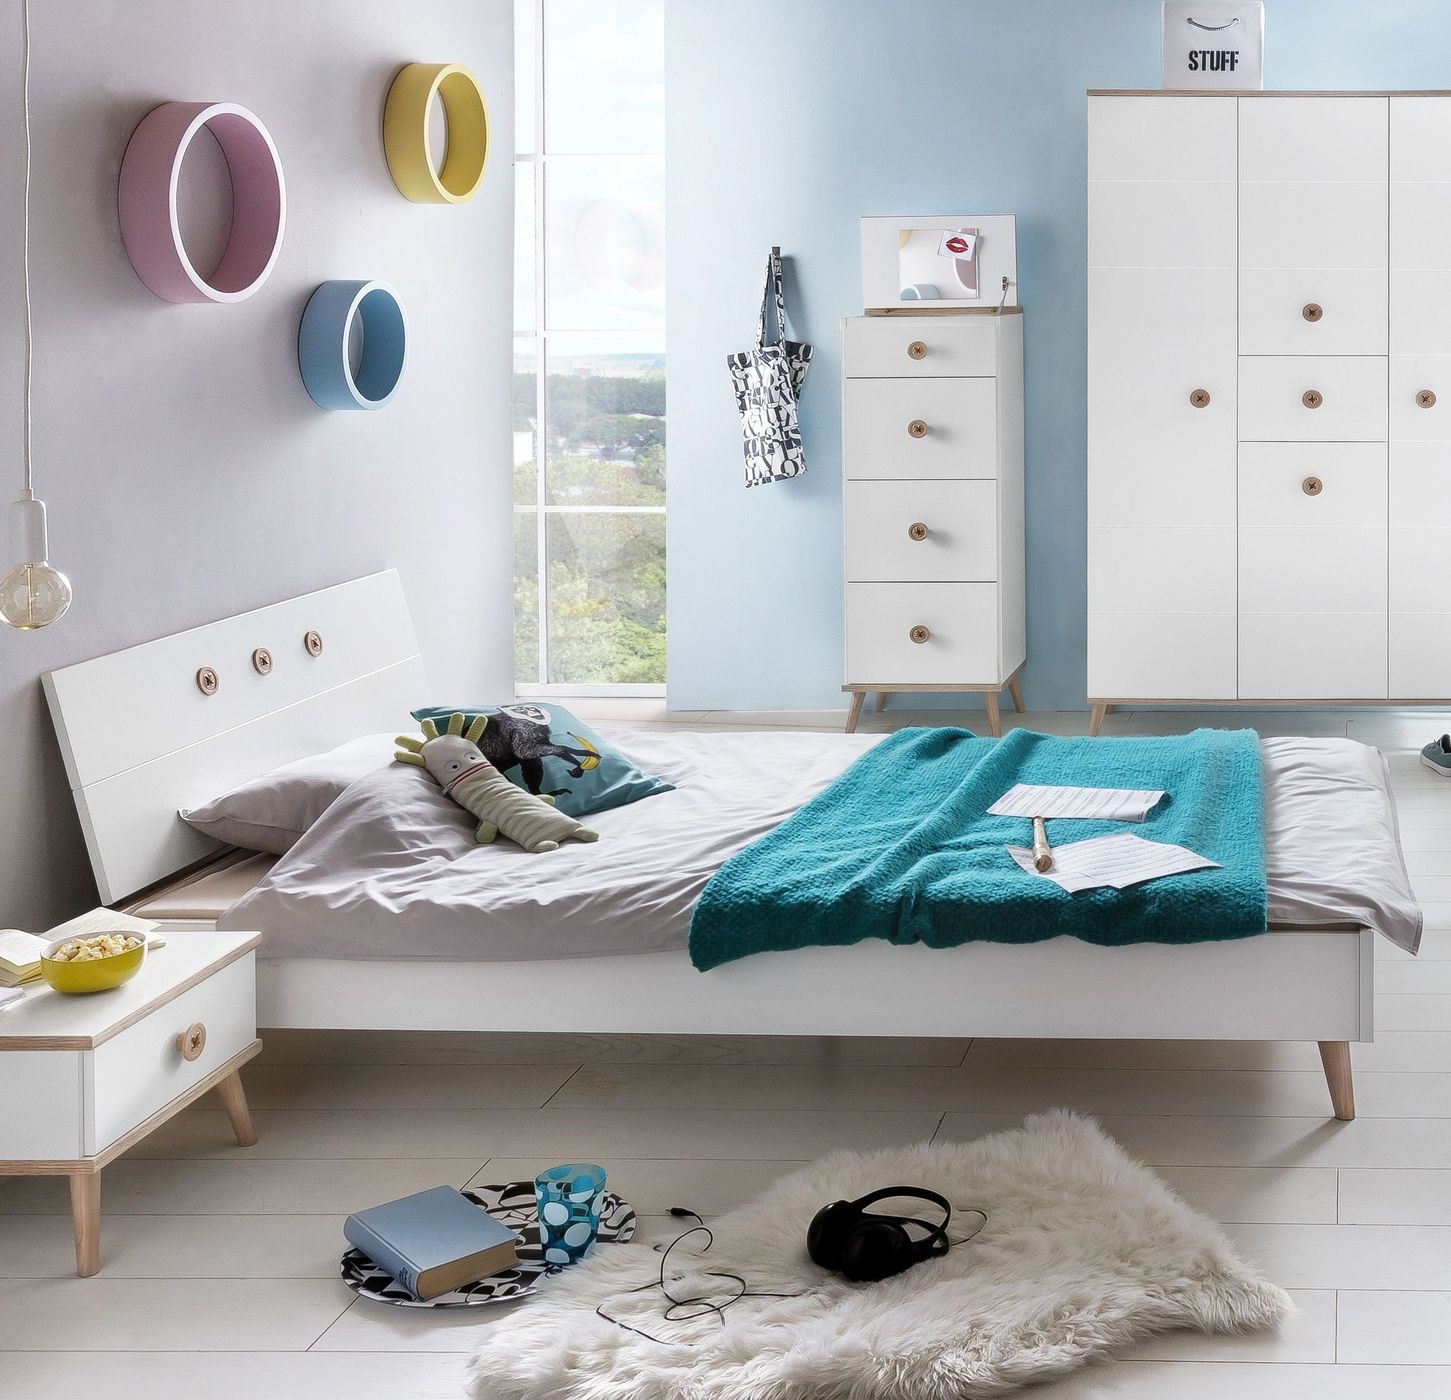 neutrales design einrichtung skandinavischen stil, preiswertes alpinweißes bett im skandinavischen design - beano, Design ideen